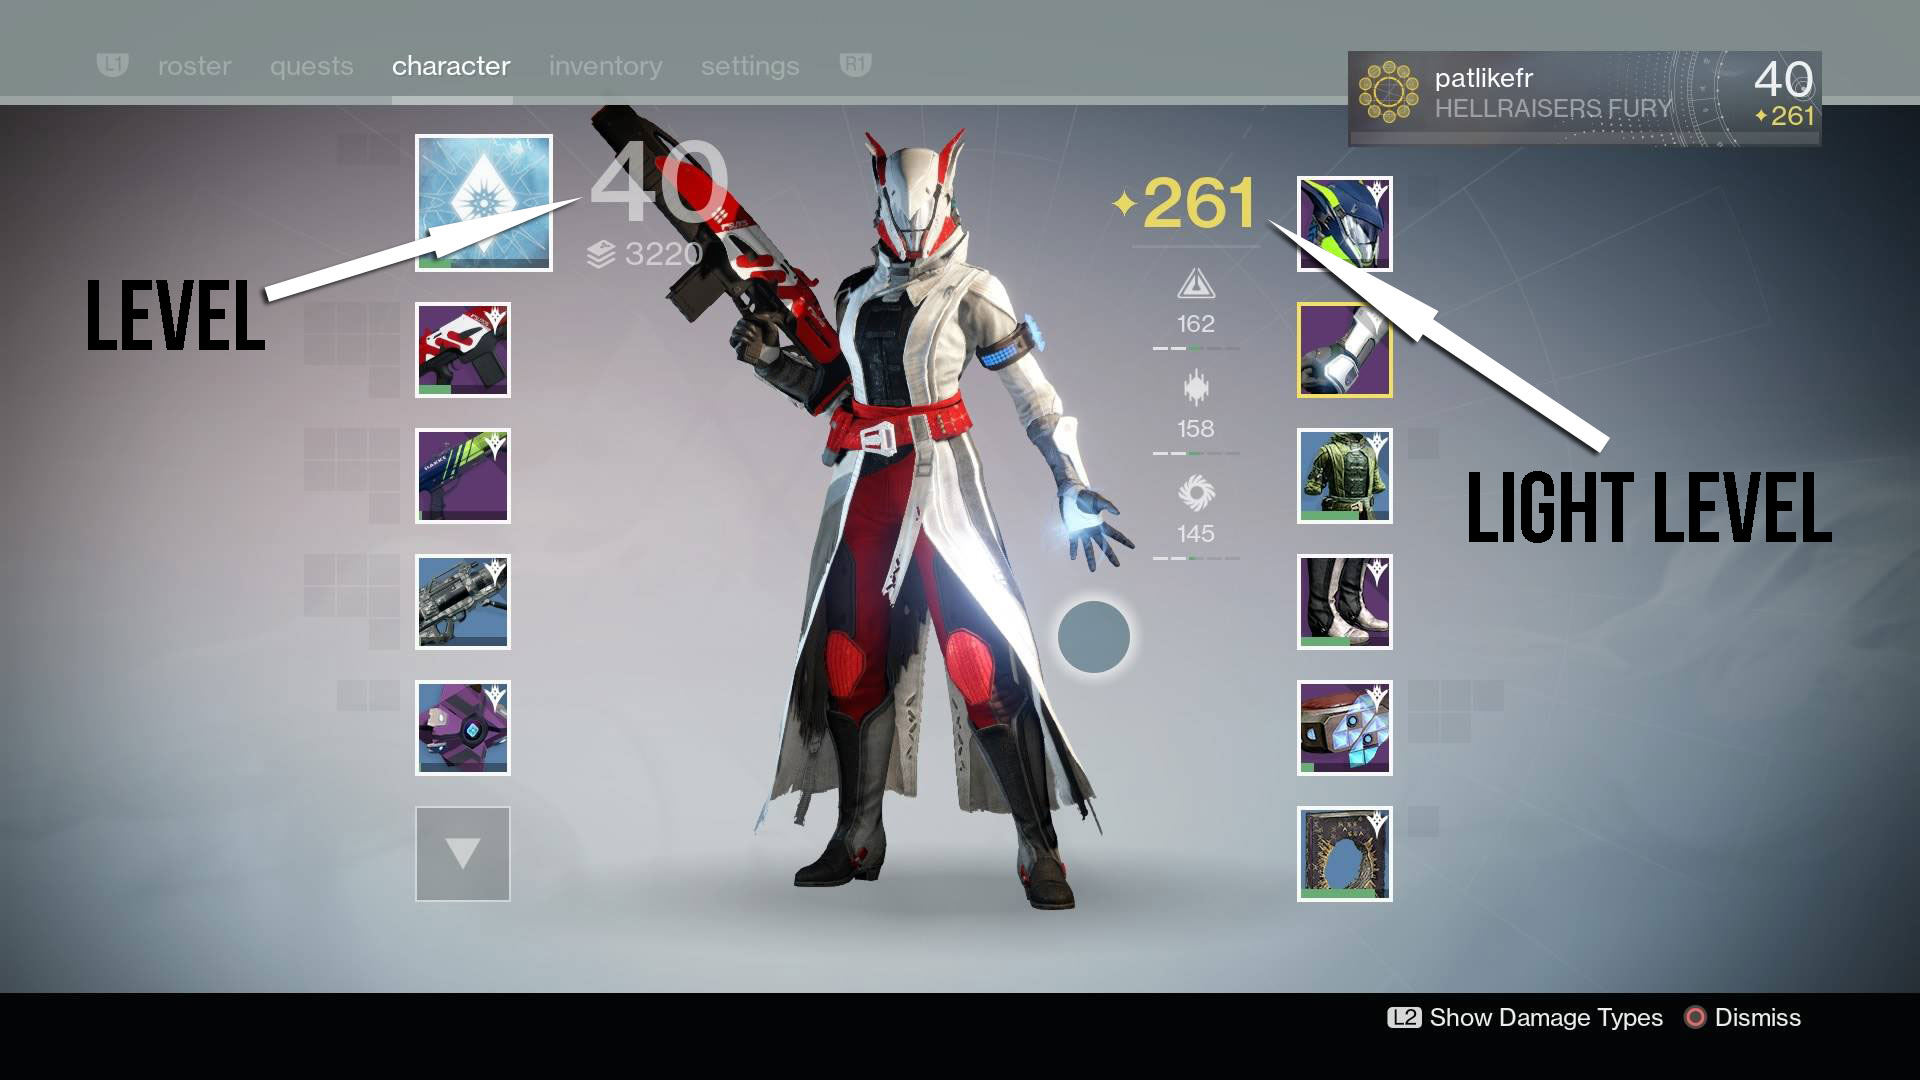 level_light_level